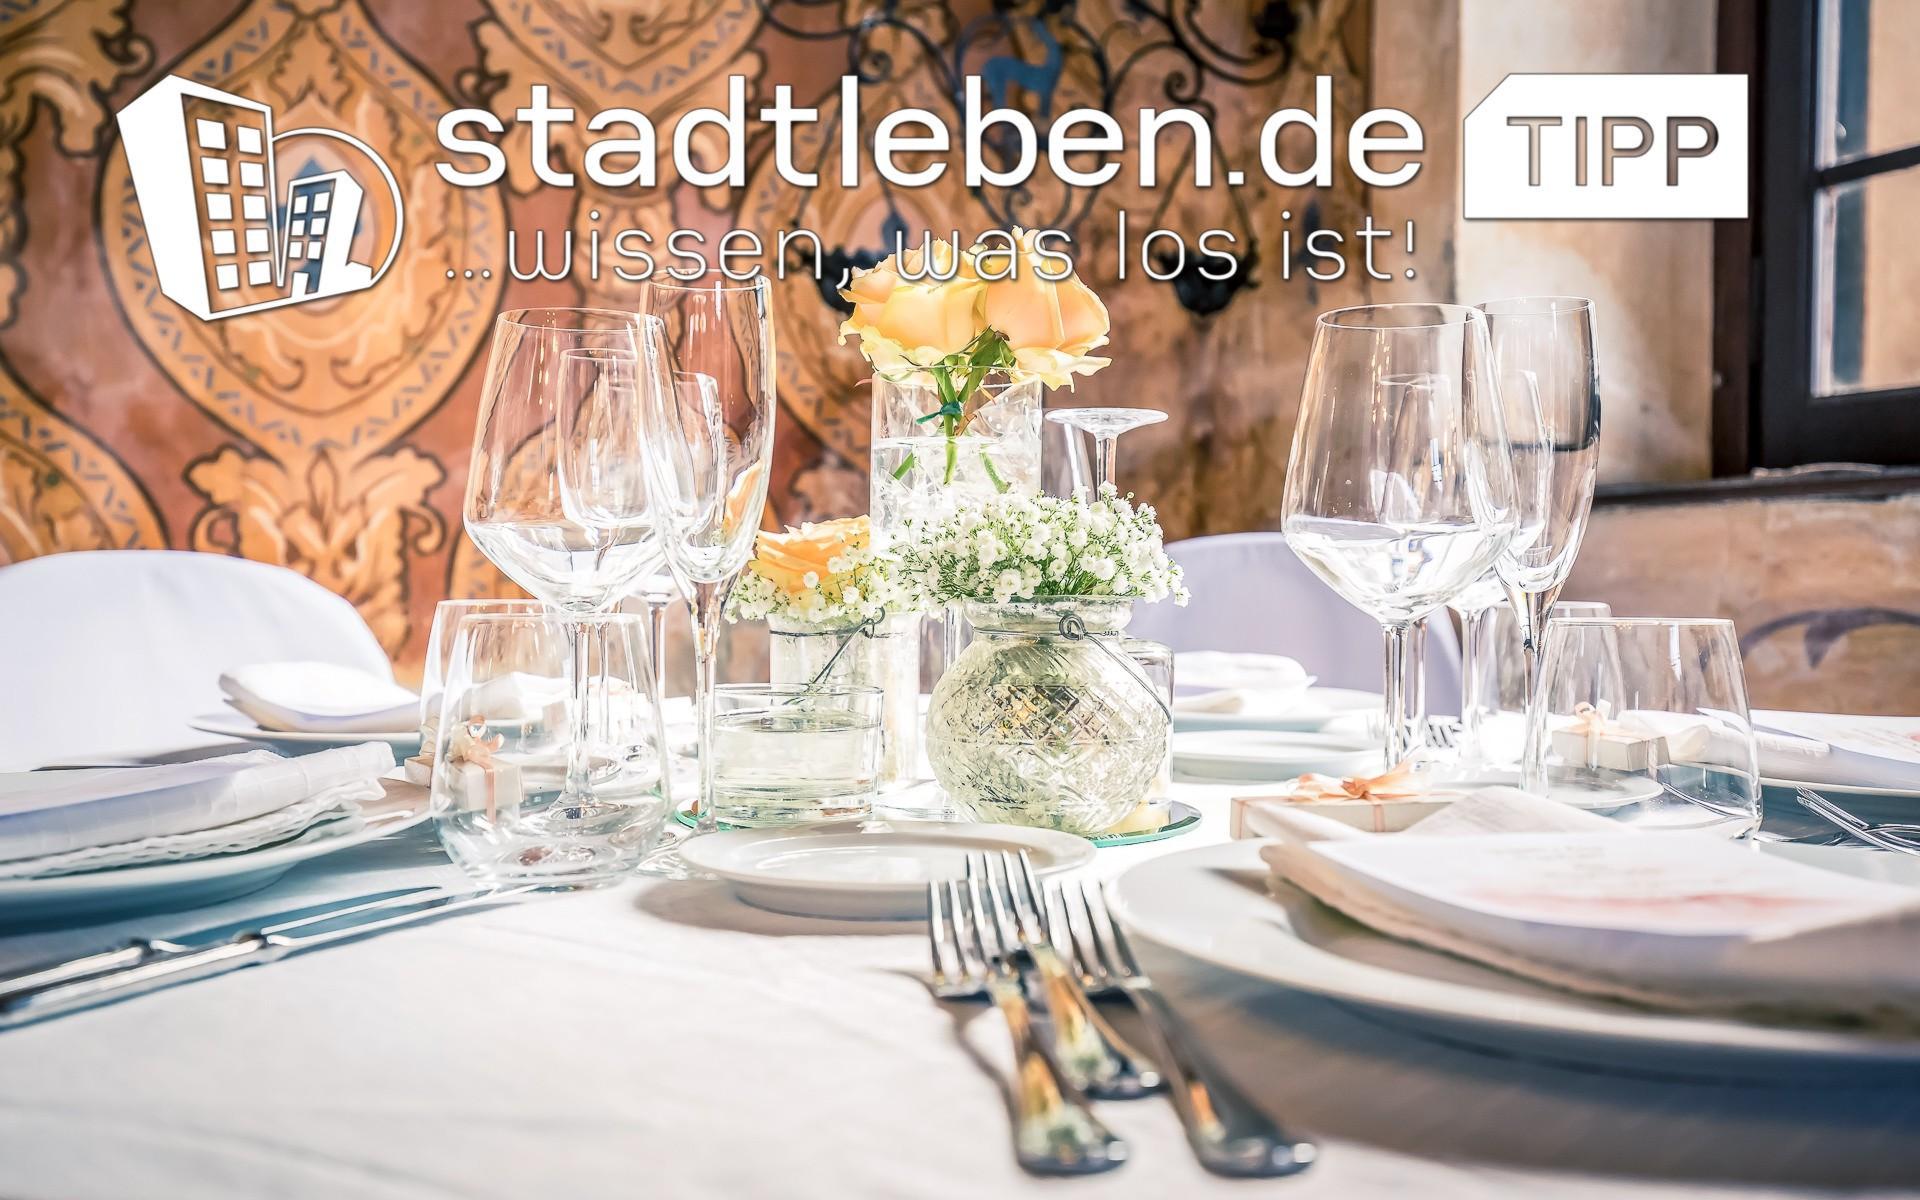 Eventlocations, Frankfurt, Gedeckter Tisch, Teller, Gäbel, Löffel, Blumen